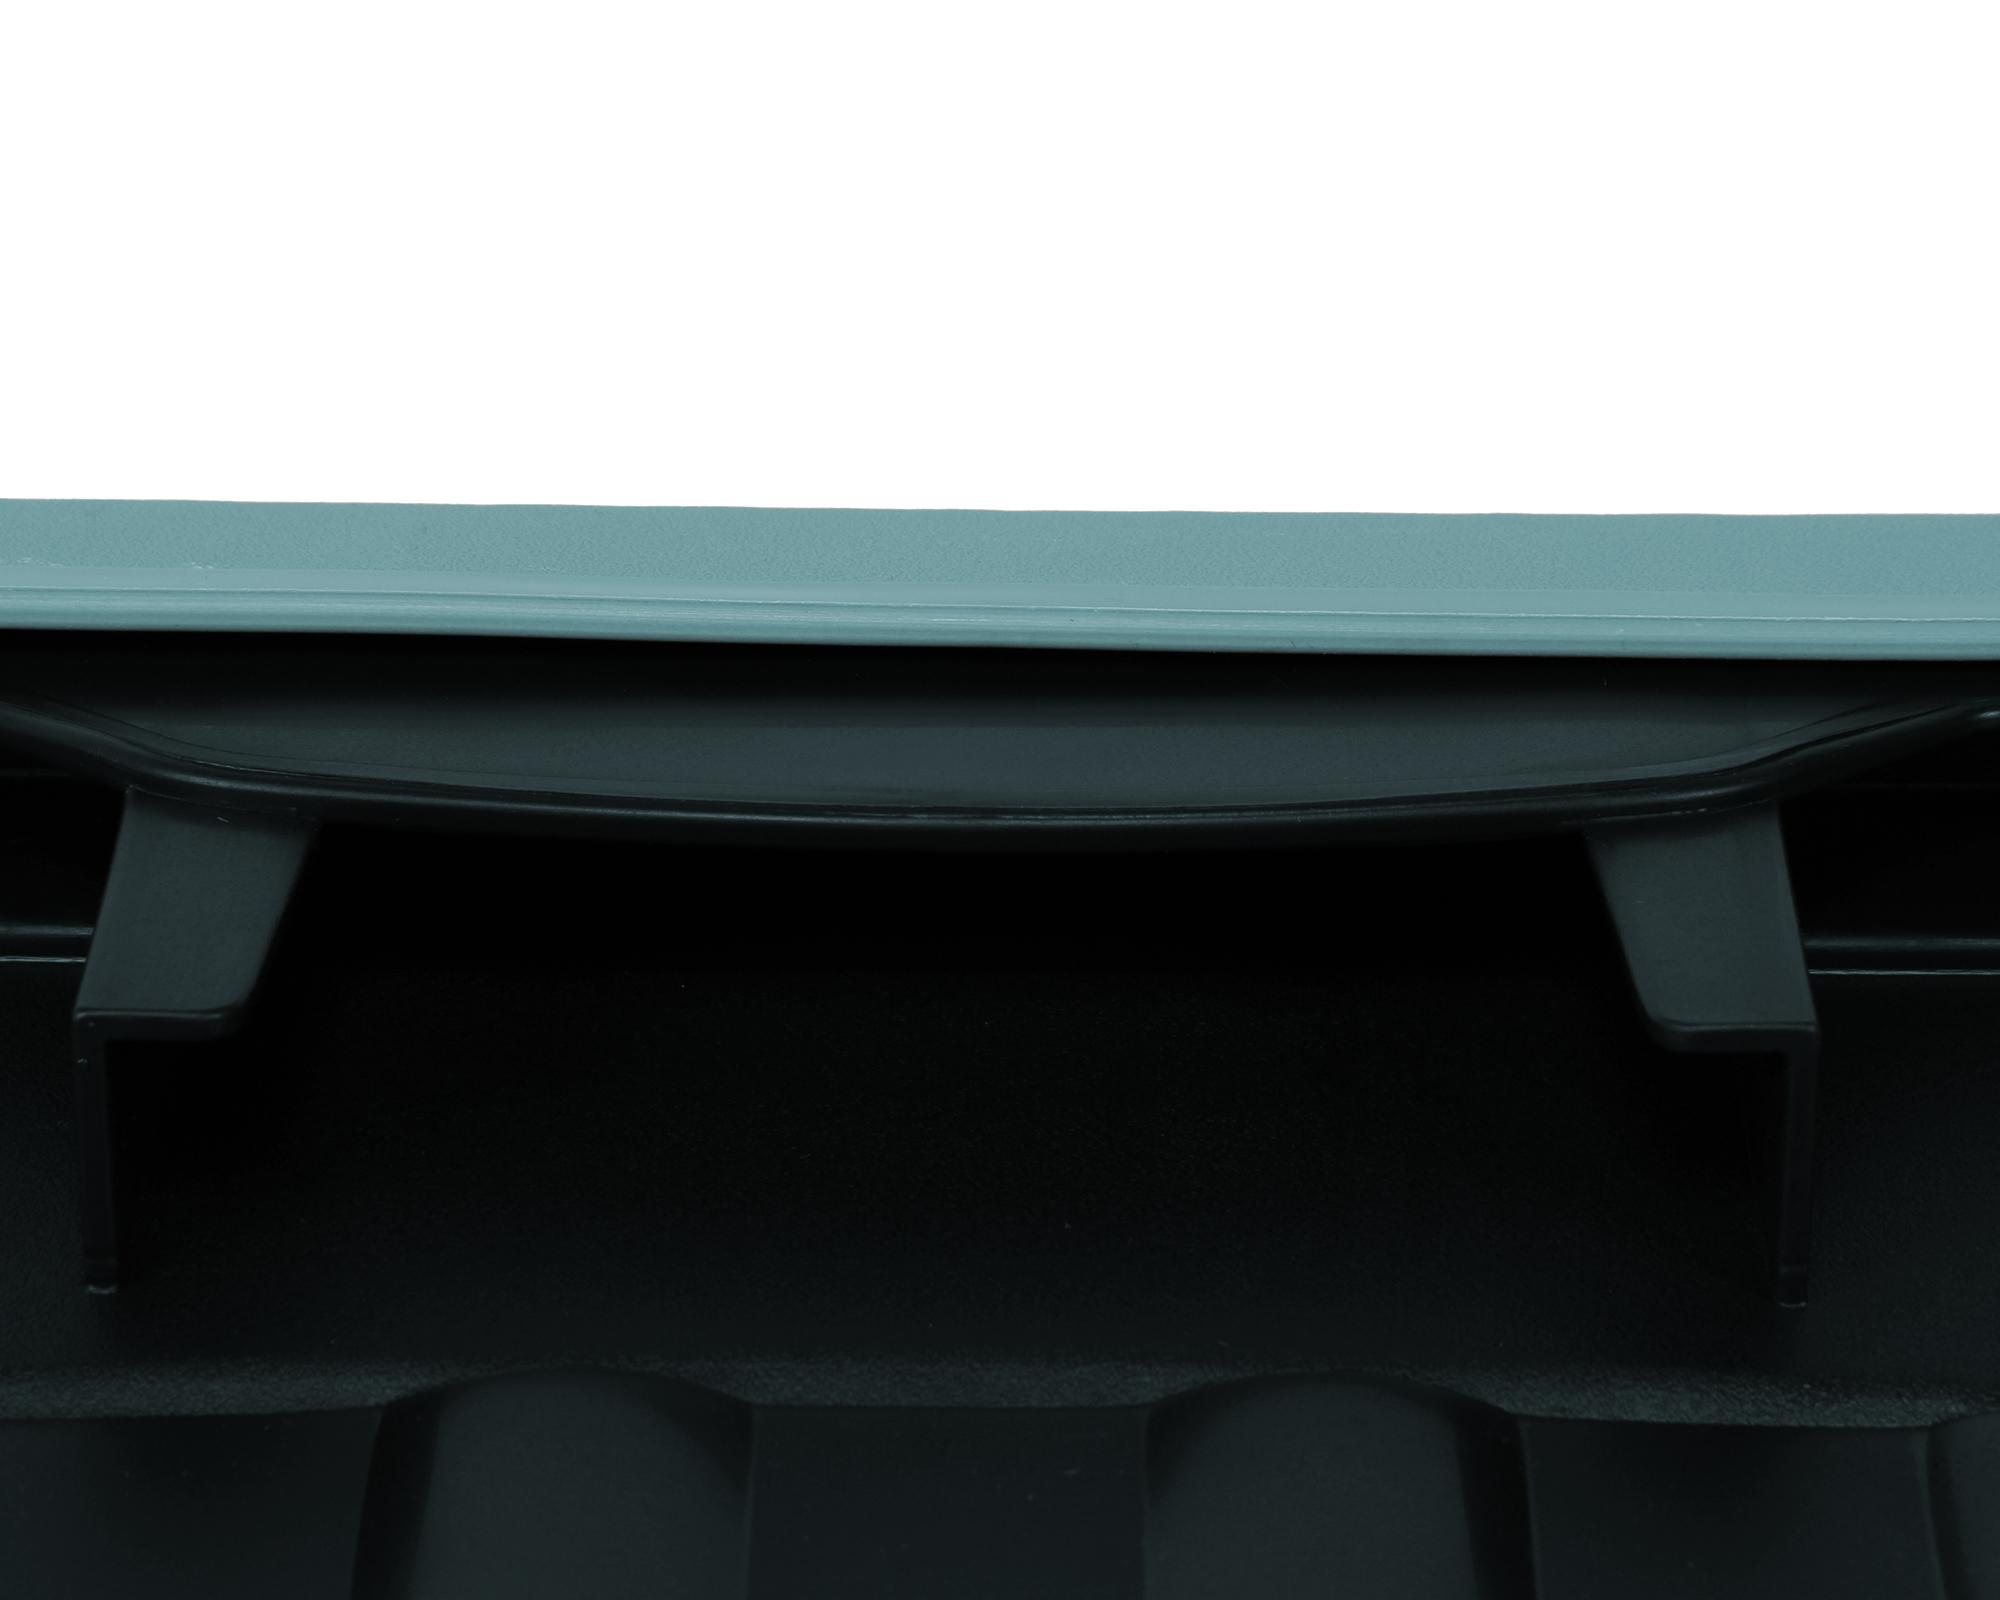 Lagerbox Transportbox Pandorino hellgrün grün jetzt günstig kaufen